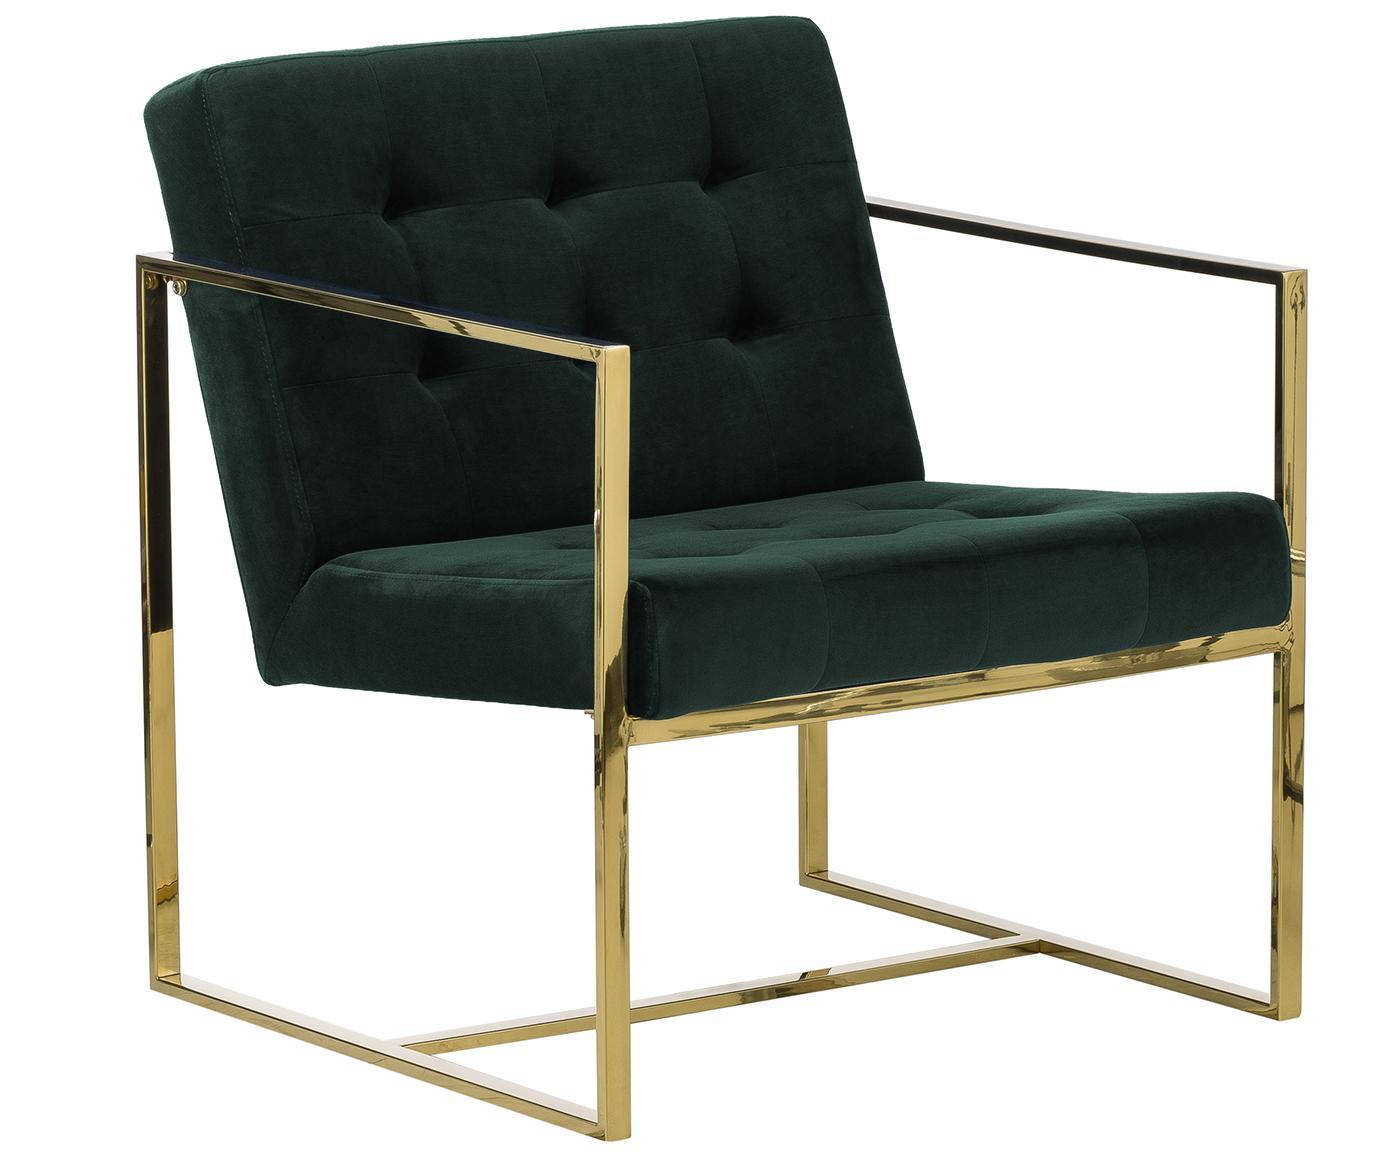 Fotel z aksamitu Manhattan, Tapicerka: aksamit (poliester), Stelaż: metal powlekany, Aksamitny ciemny zielony, S 70 x G 72 cm